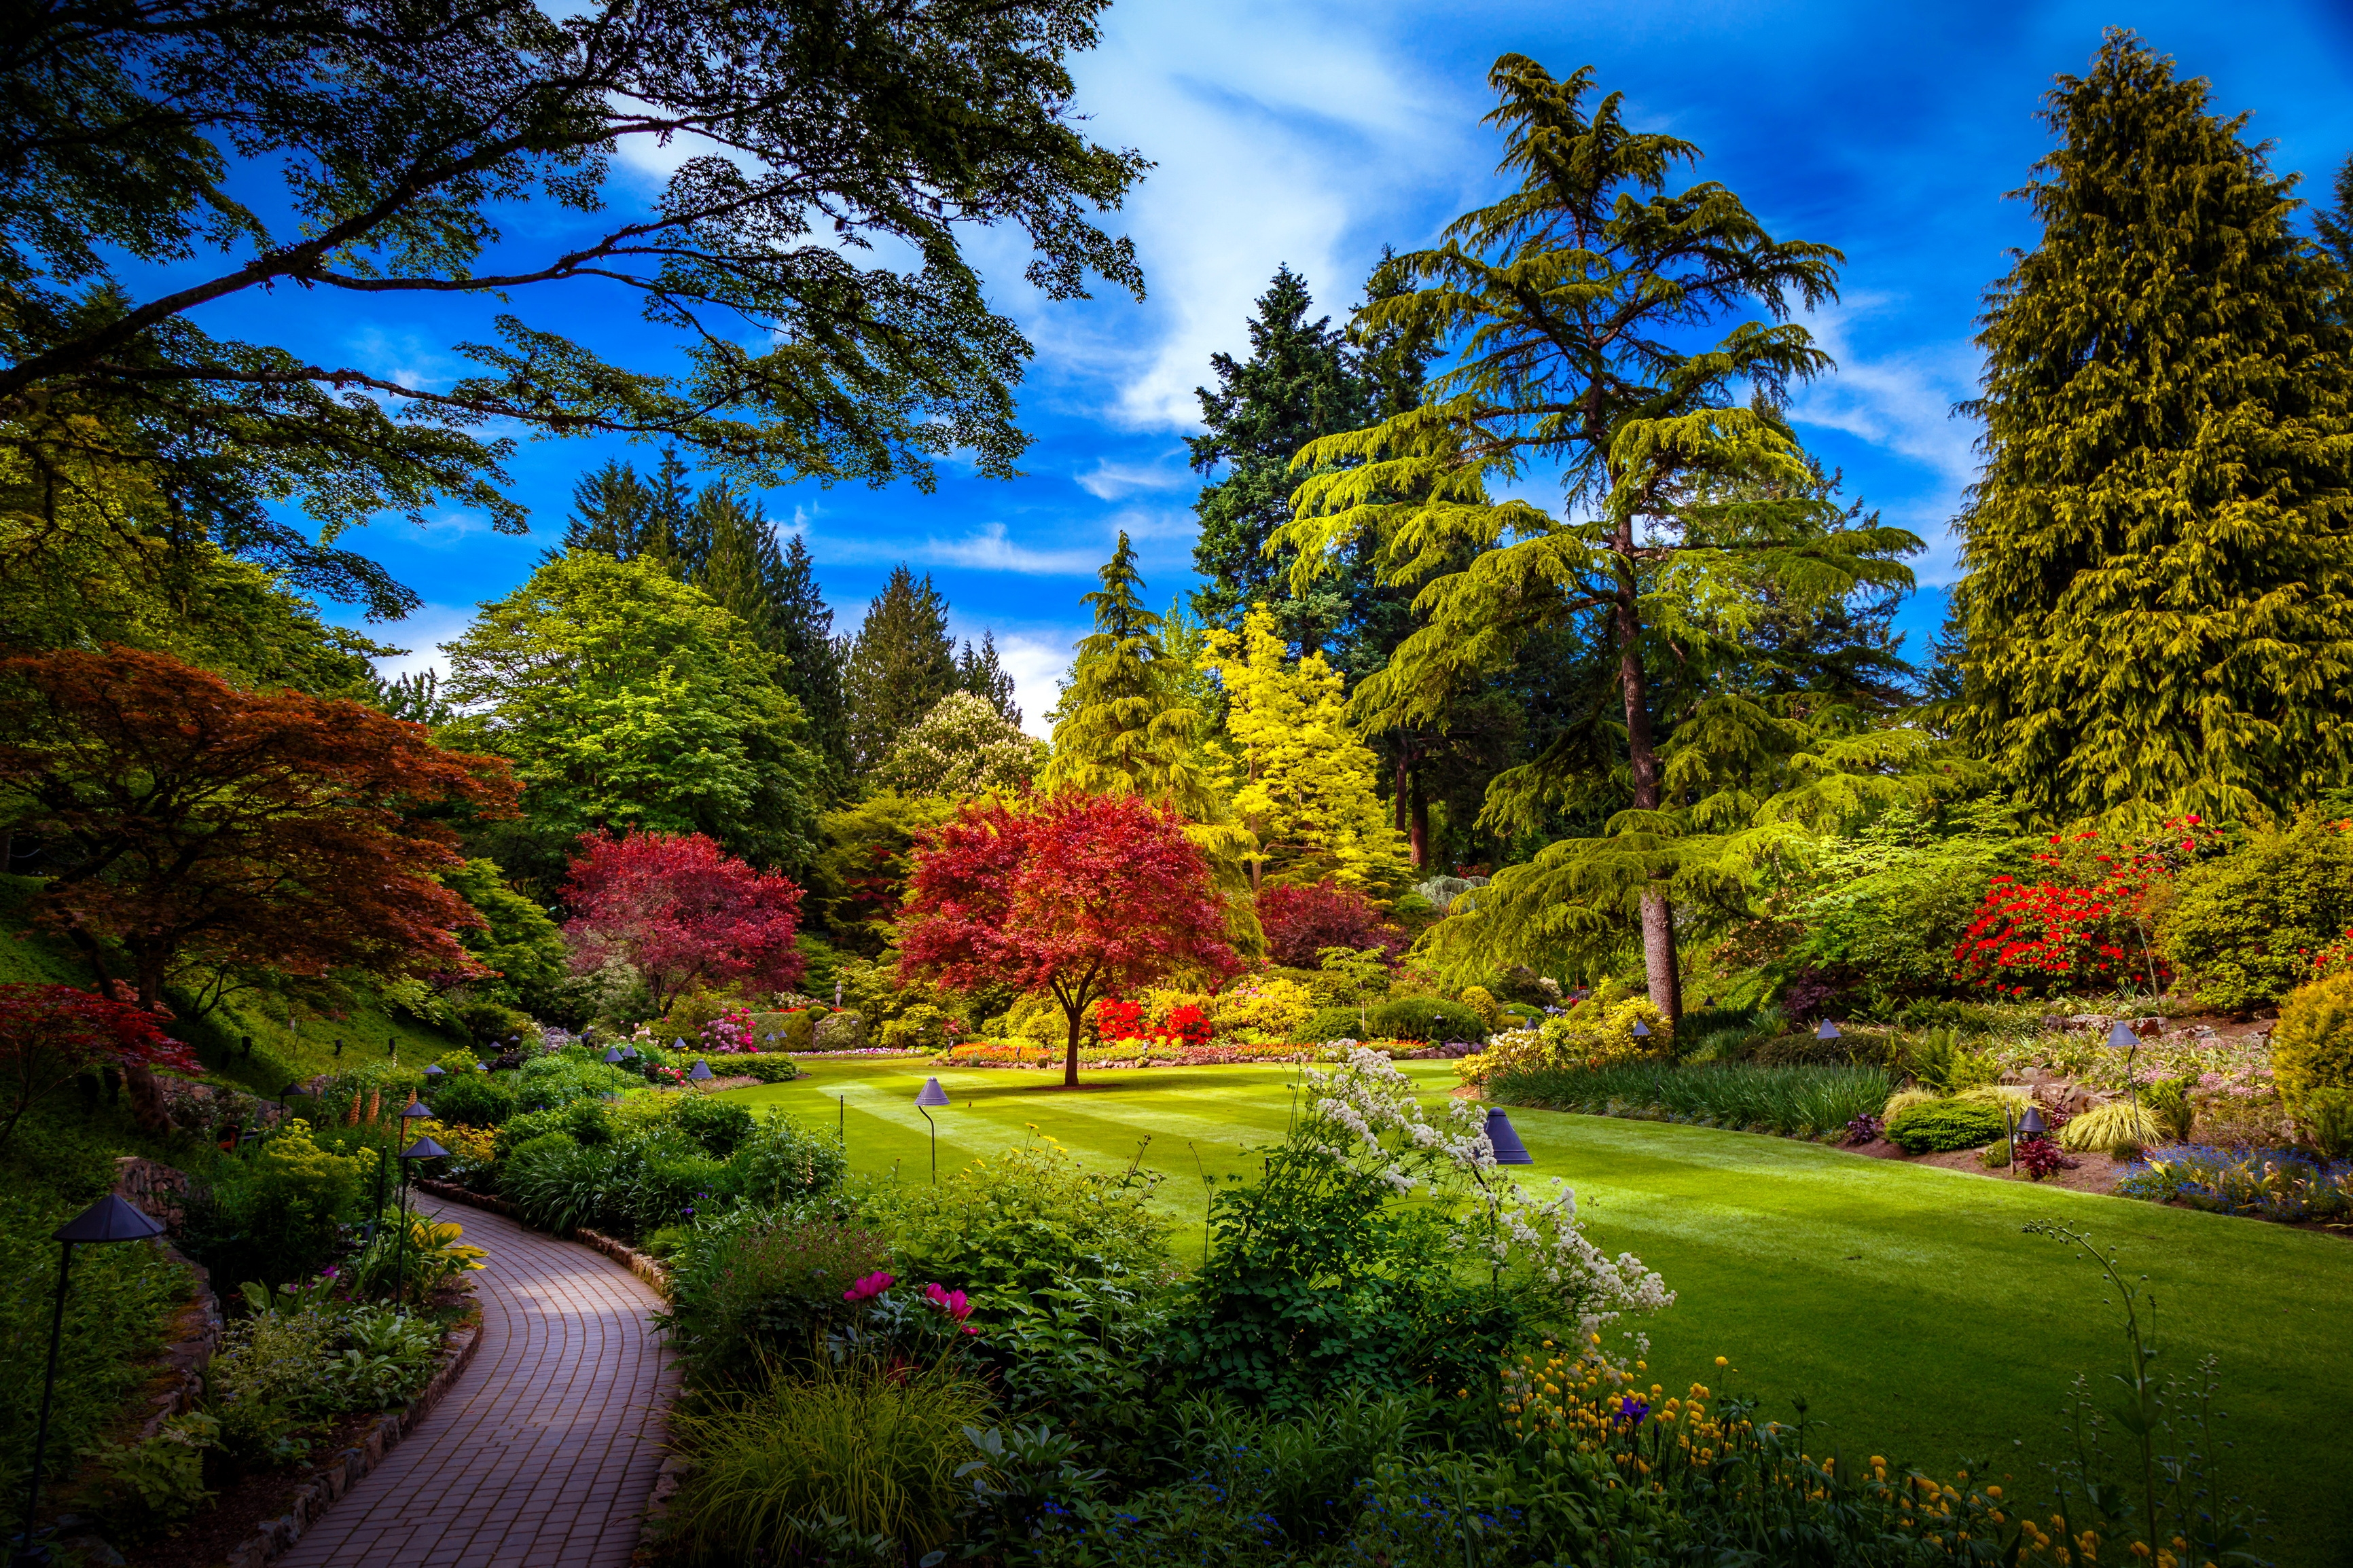 Lovely spring park fond d 39 cran hd arri re plan 3464x2309 id 688432 wallpaper abyss - Fond d ecran jardin anglais ...